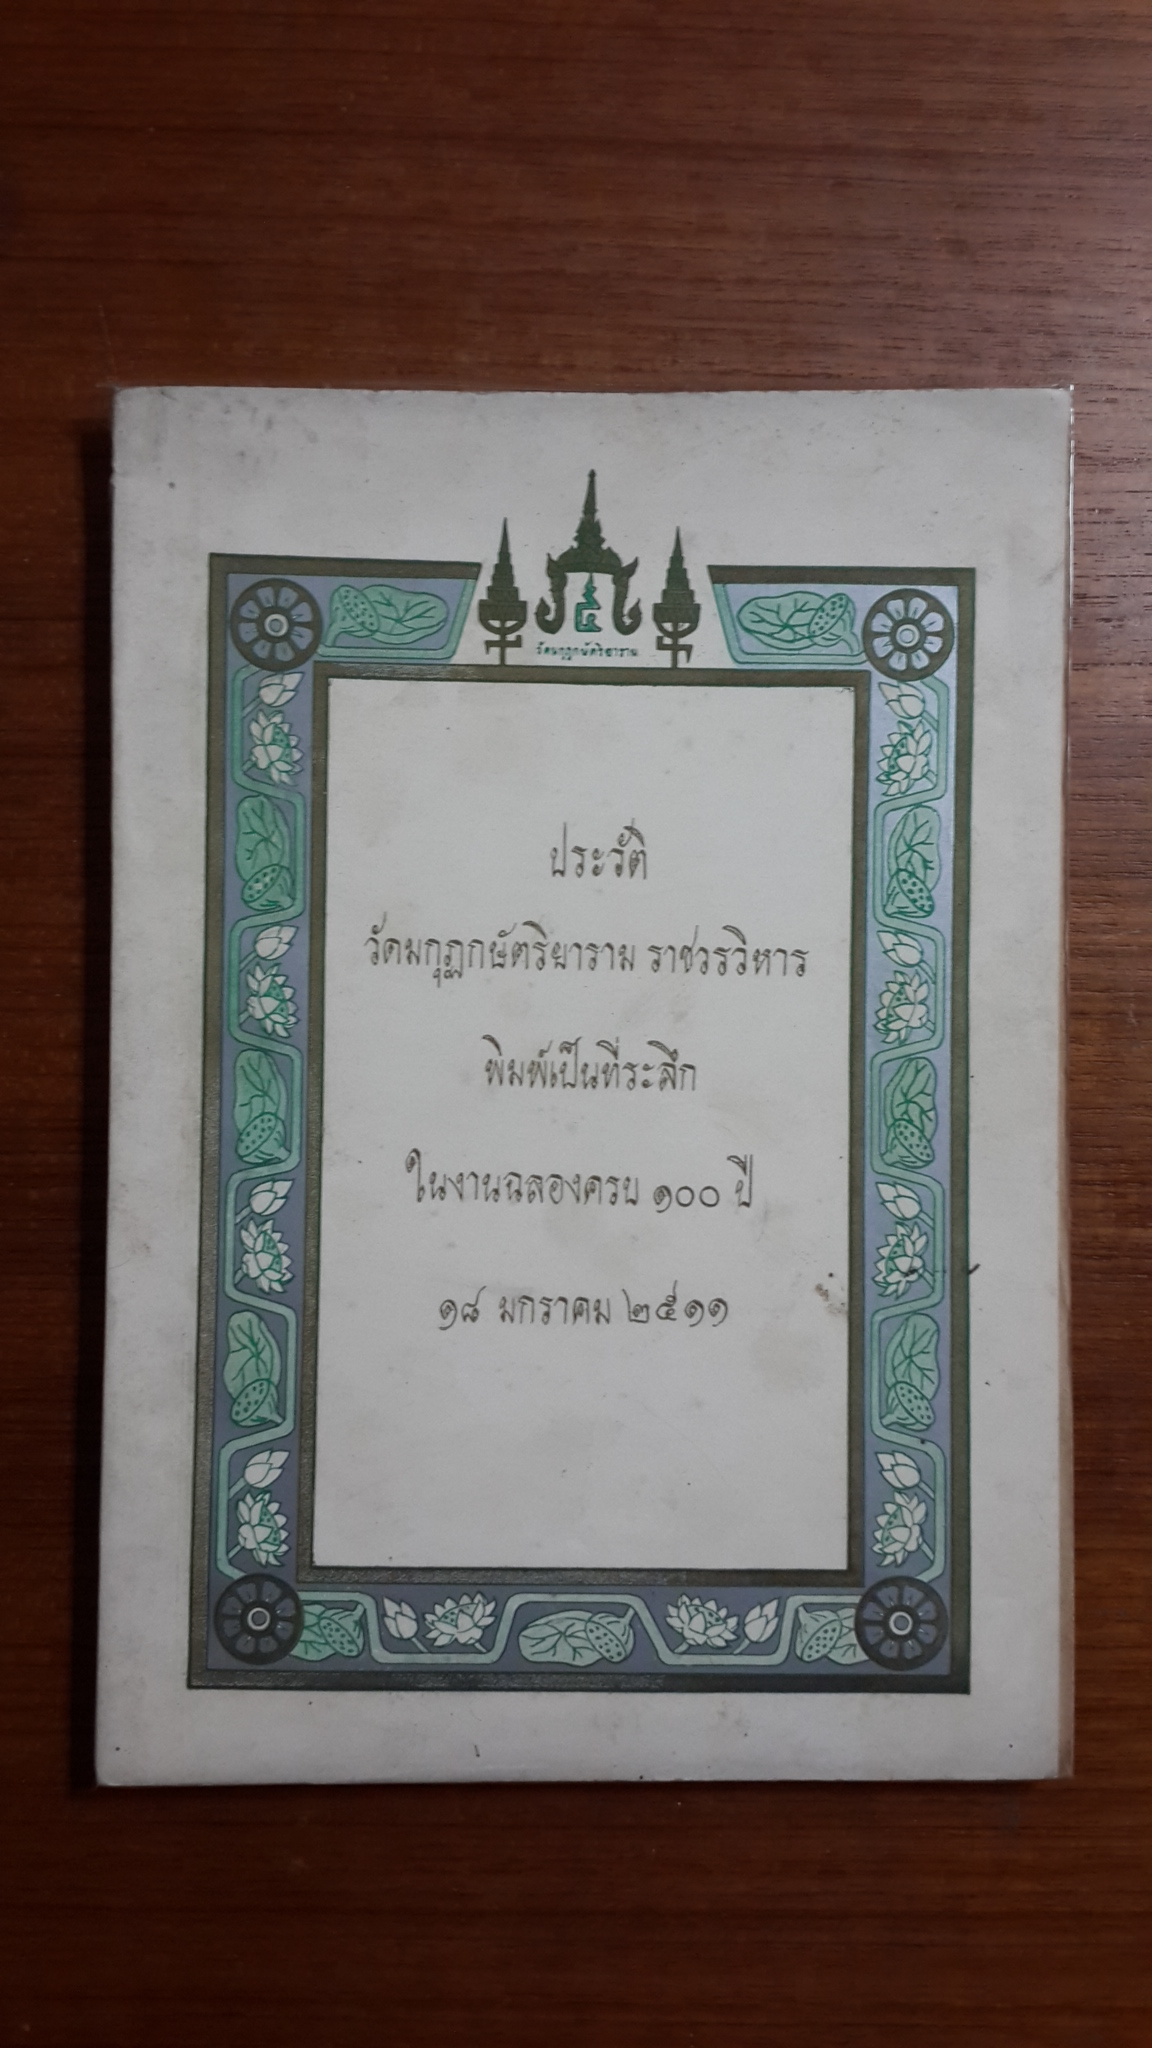 ประวัติวัดมกุฏกษัตริยาราม ราชวรวิหาร พิมพ์เป็นที่ระลึก ในงานฉลองครบ ๑๐๐ ปี